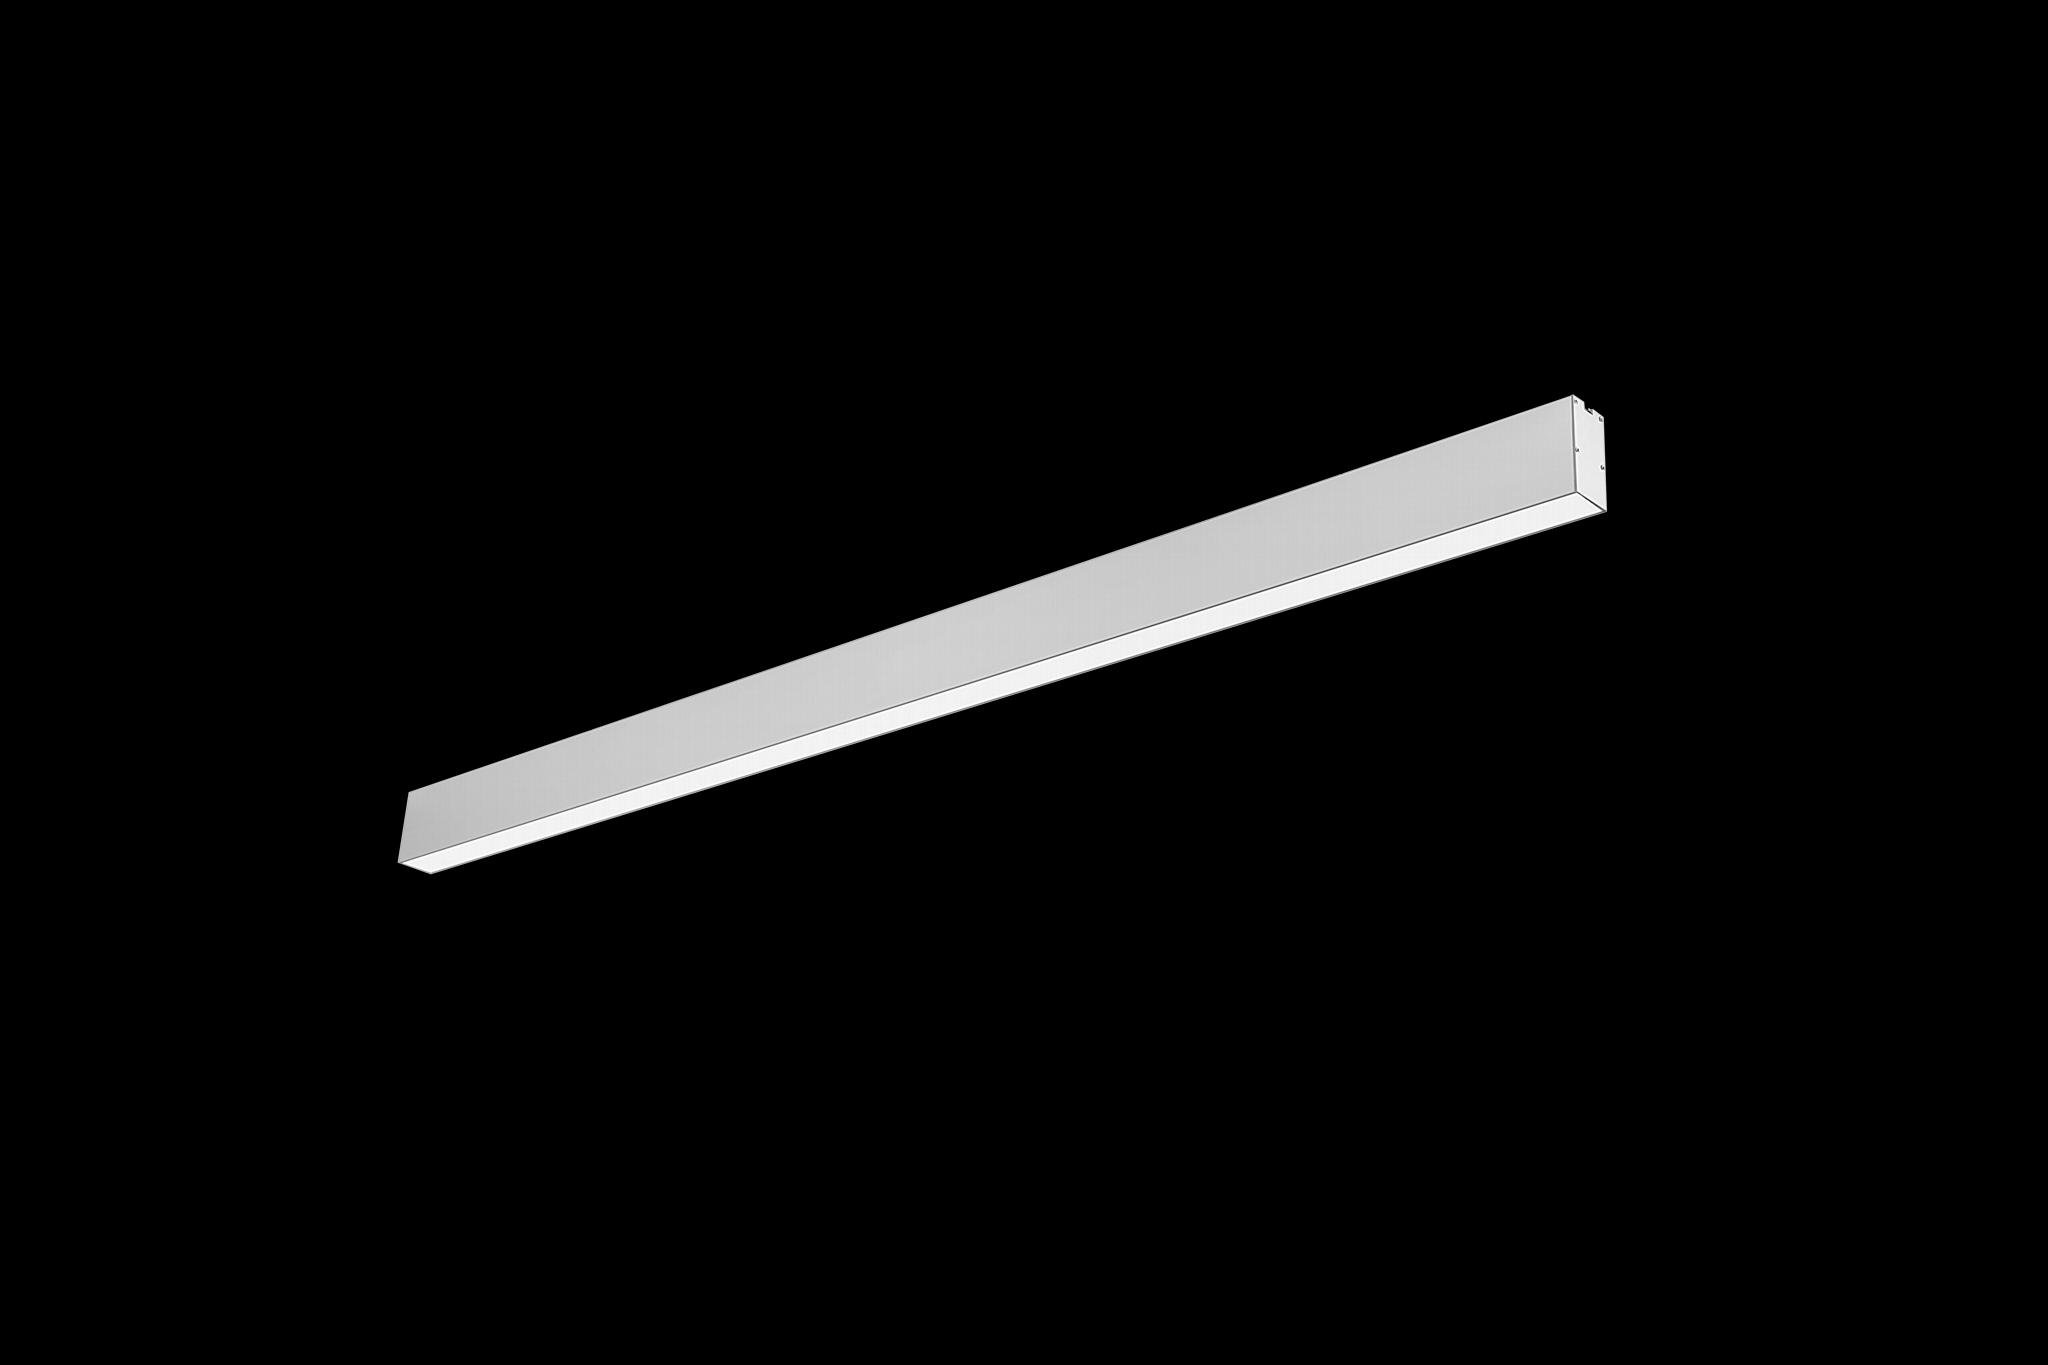 壁挂式線性燈 LS3567-PZ 4